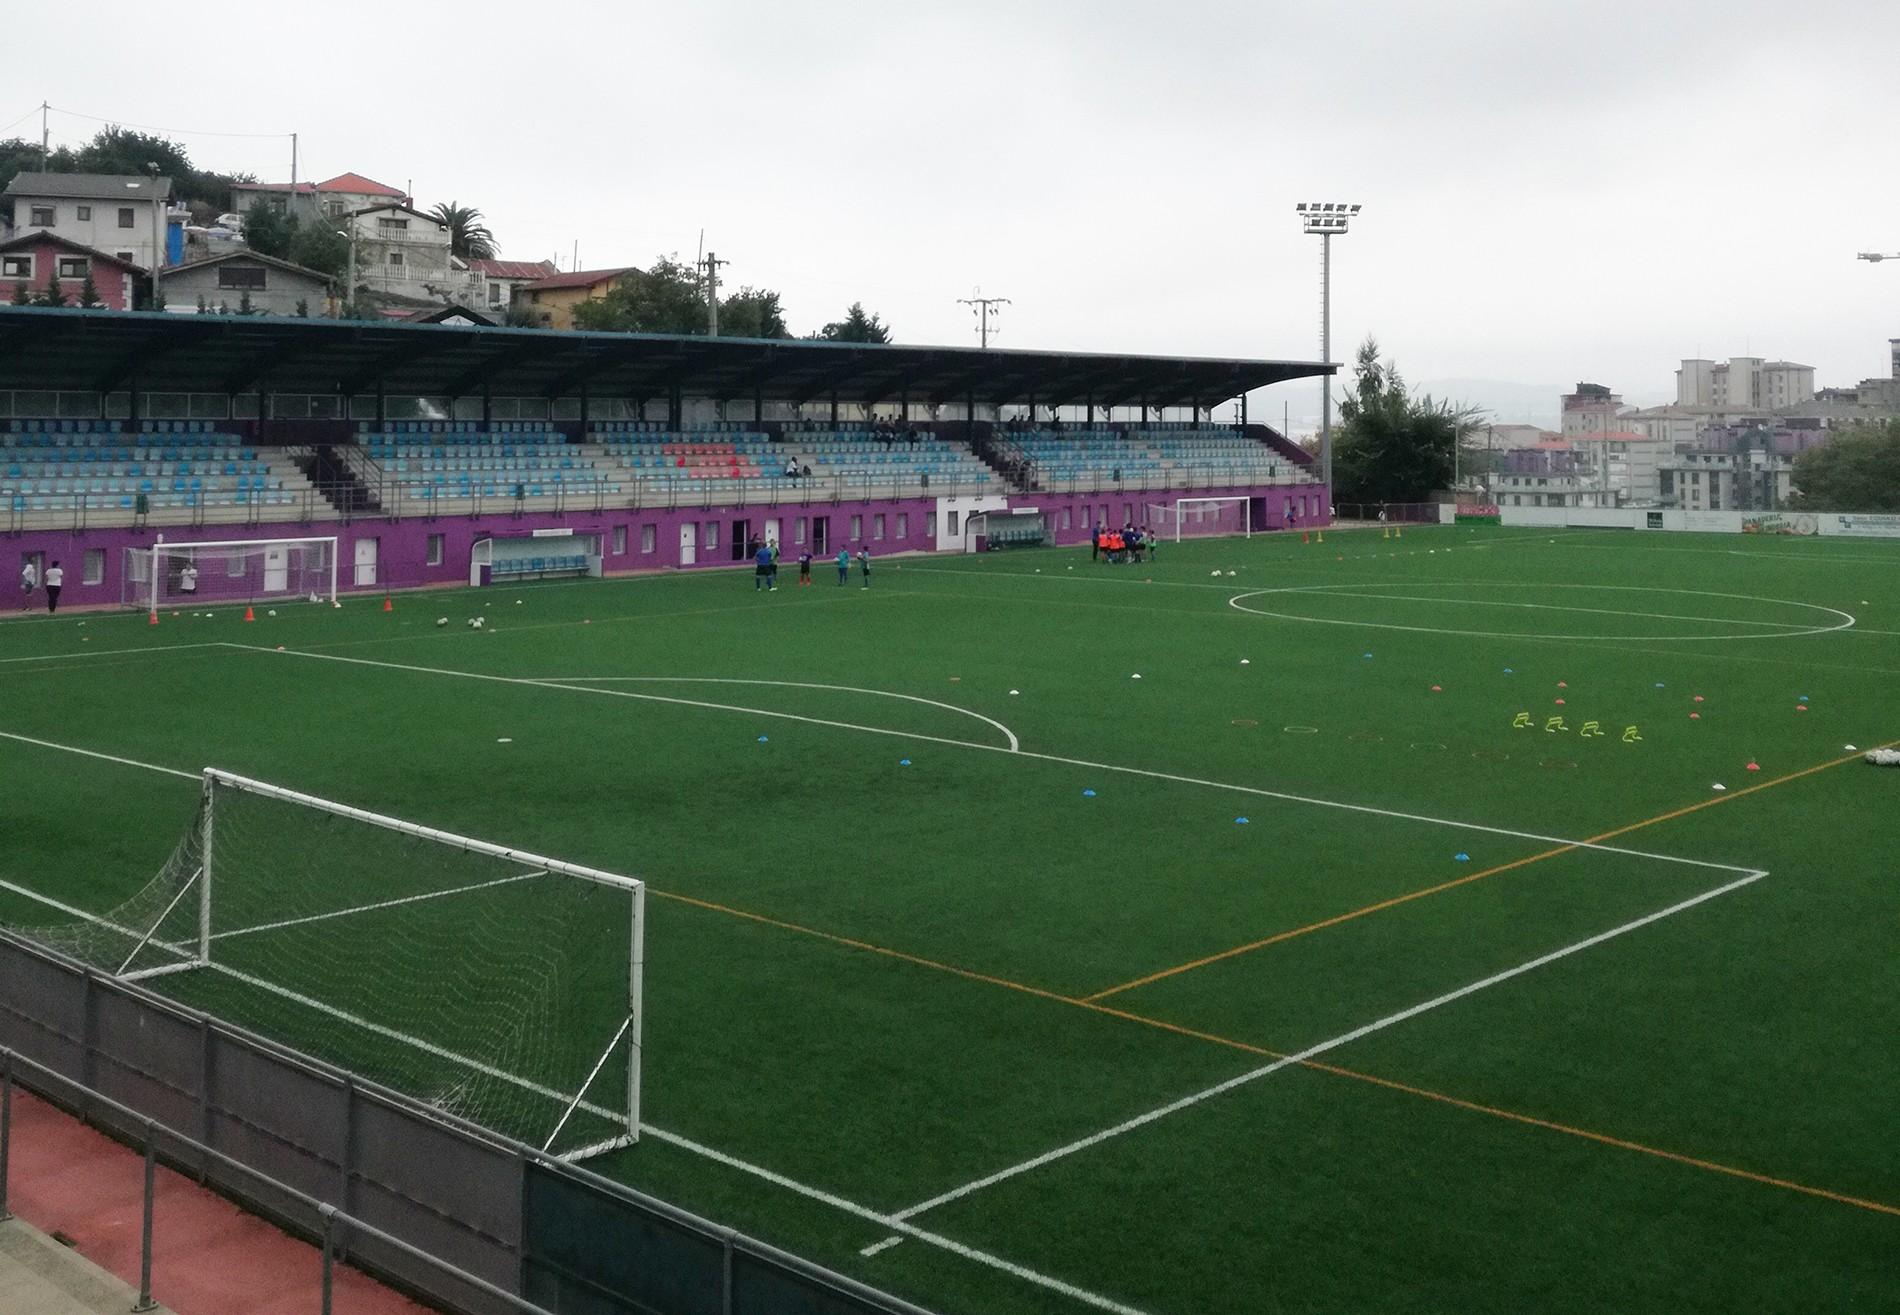 El campo de San Jorge (Santurtzi), equipado con el sistema de césped DUAL, ha obtenido la certificación FIFA Quality Pro.